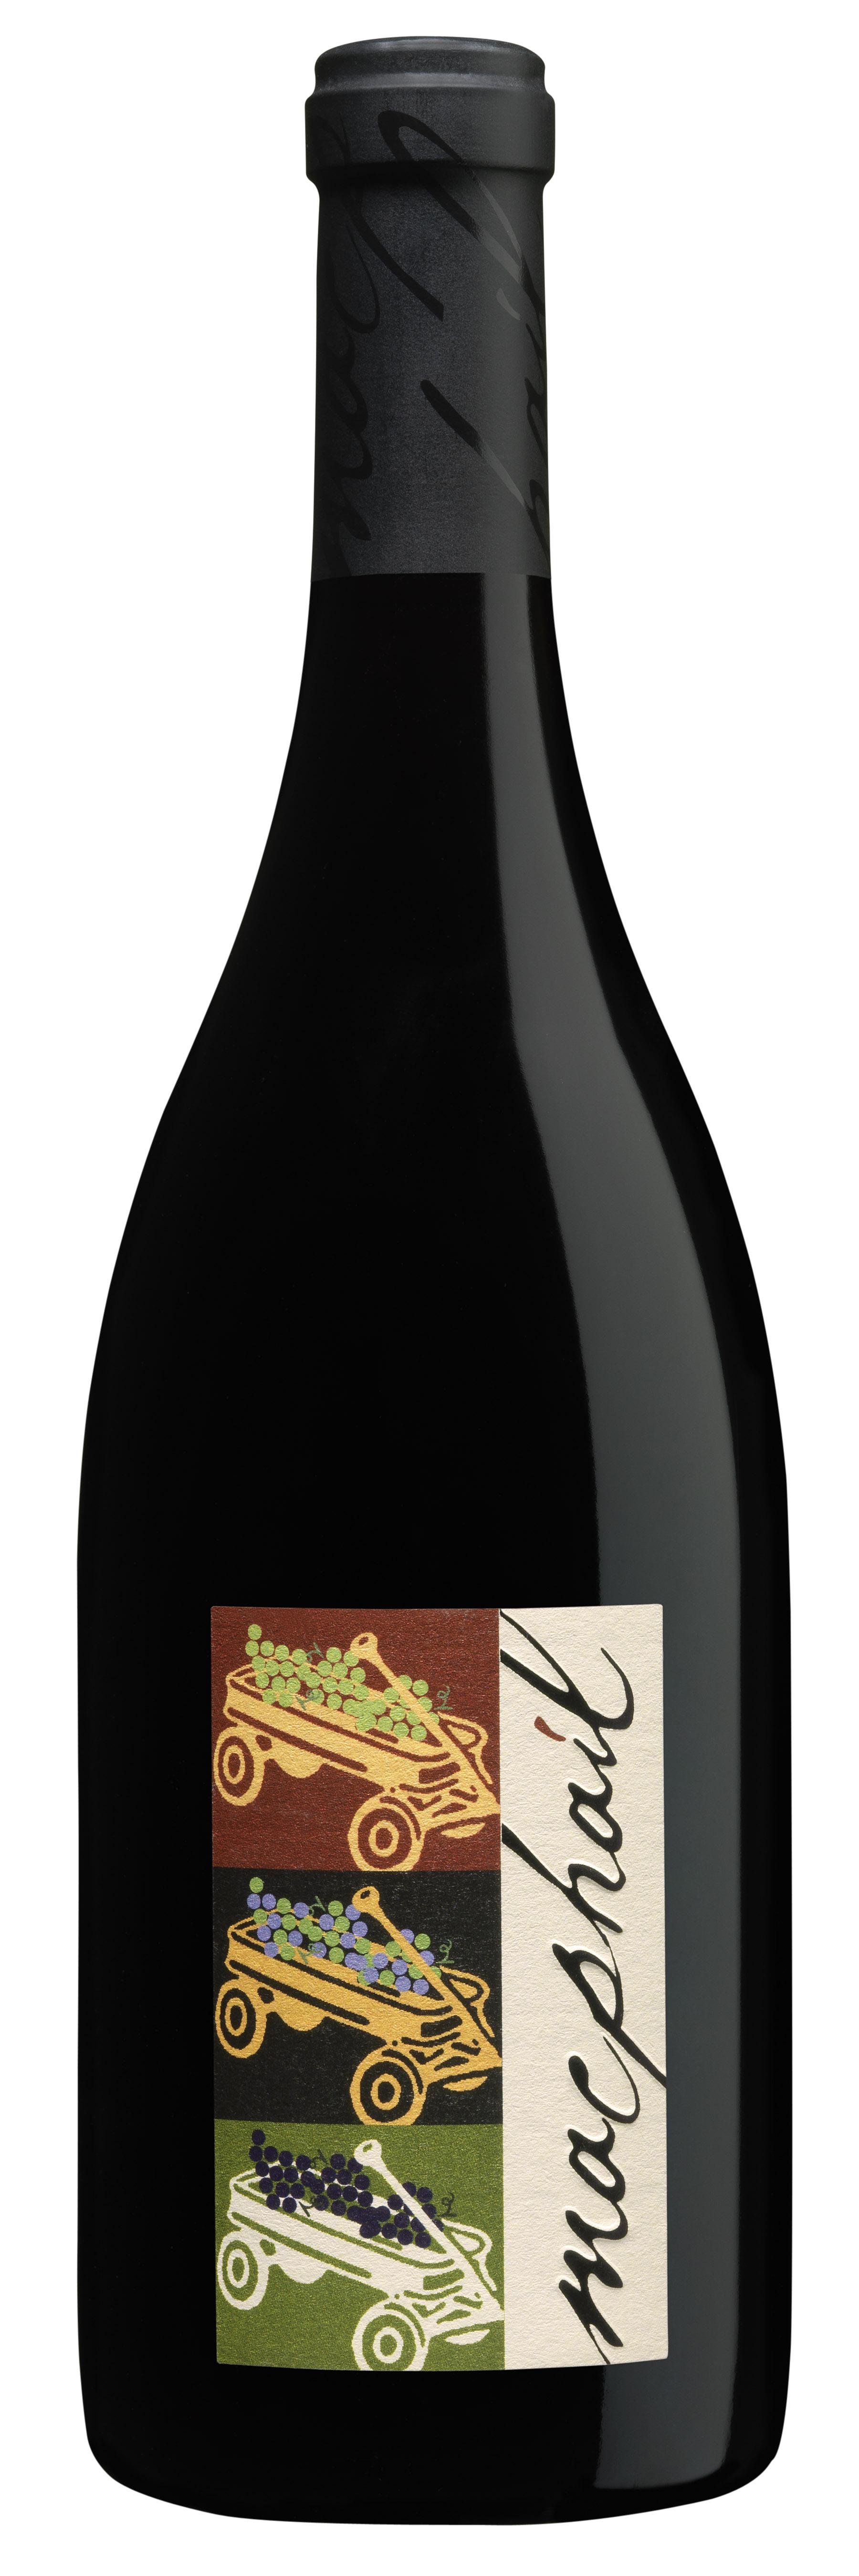 Macphail bottle 002